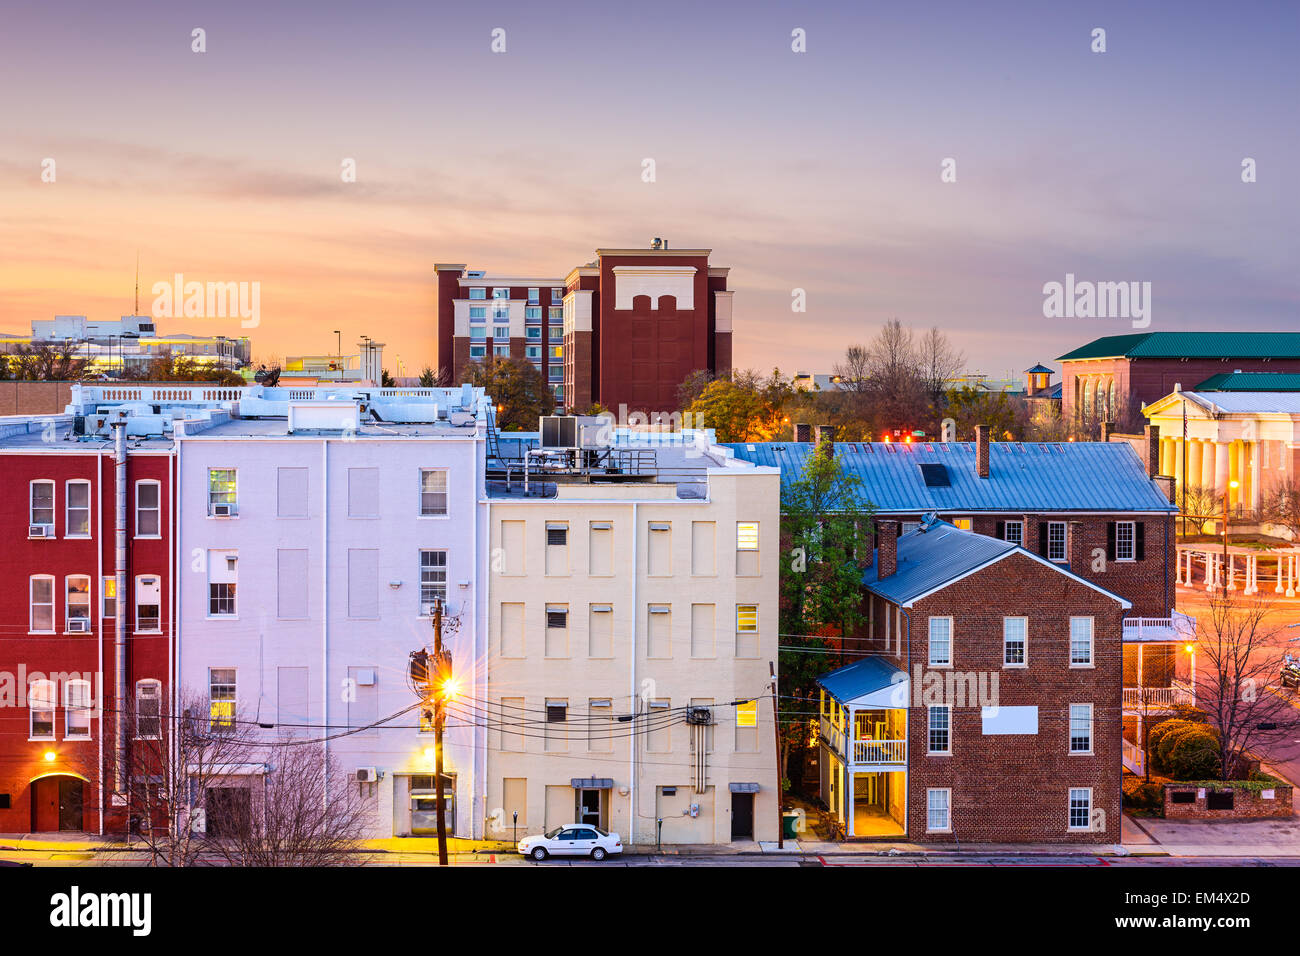 Atene, GEORGIA, STATI UNITI D'AMERICA downtown cityscape. Immagini Stock